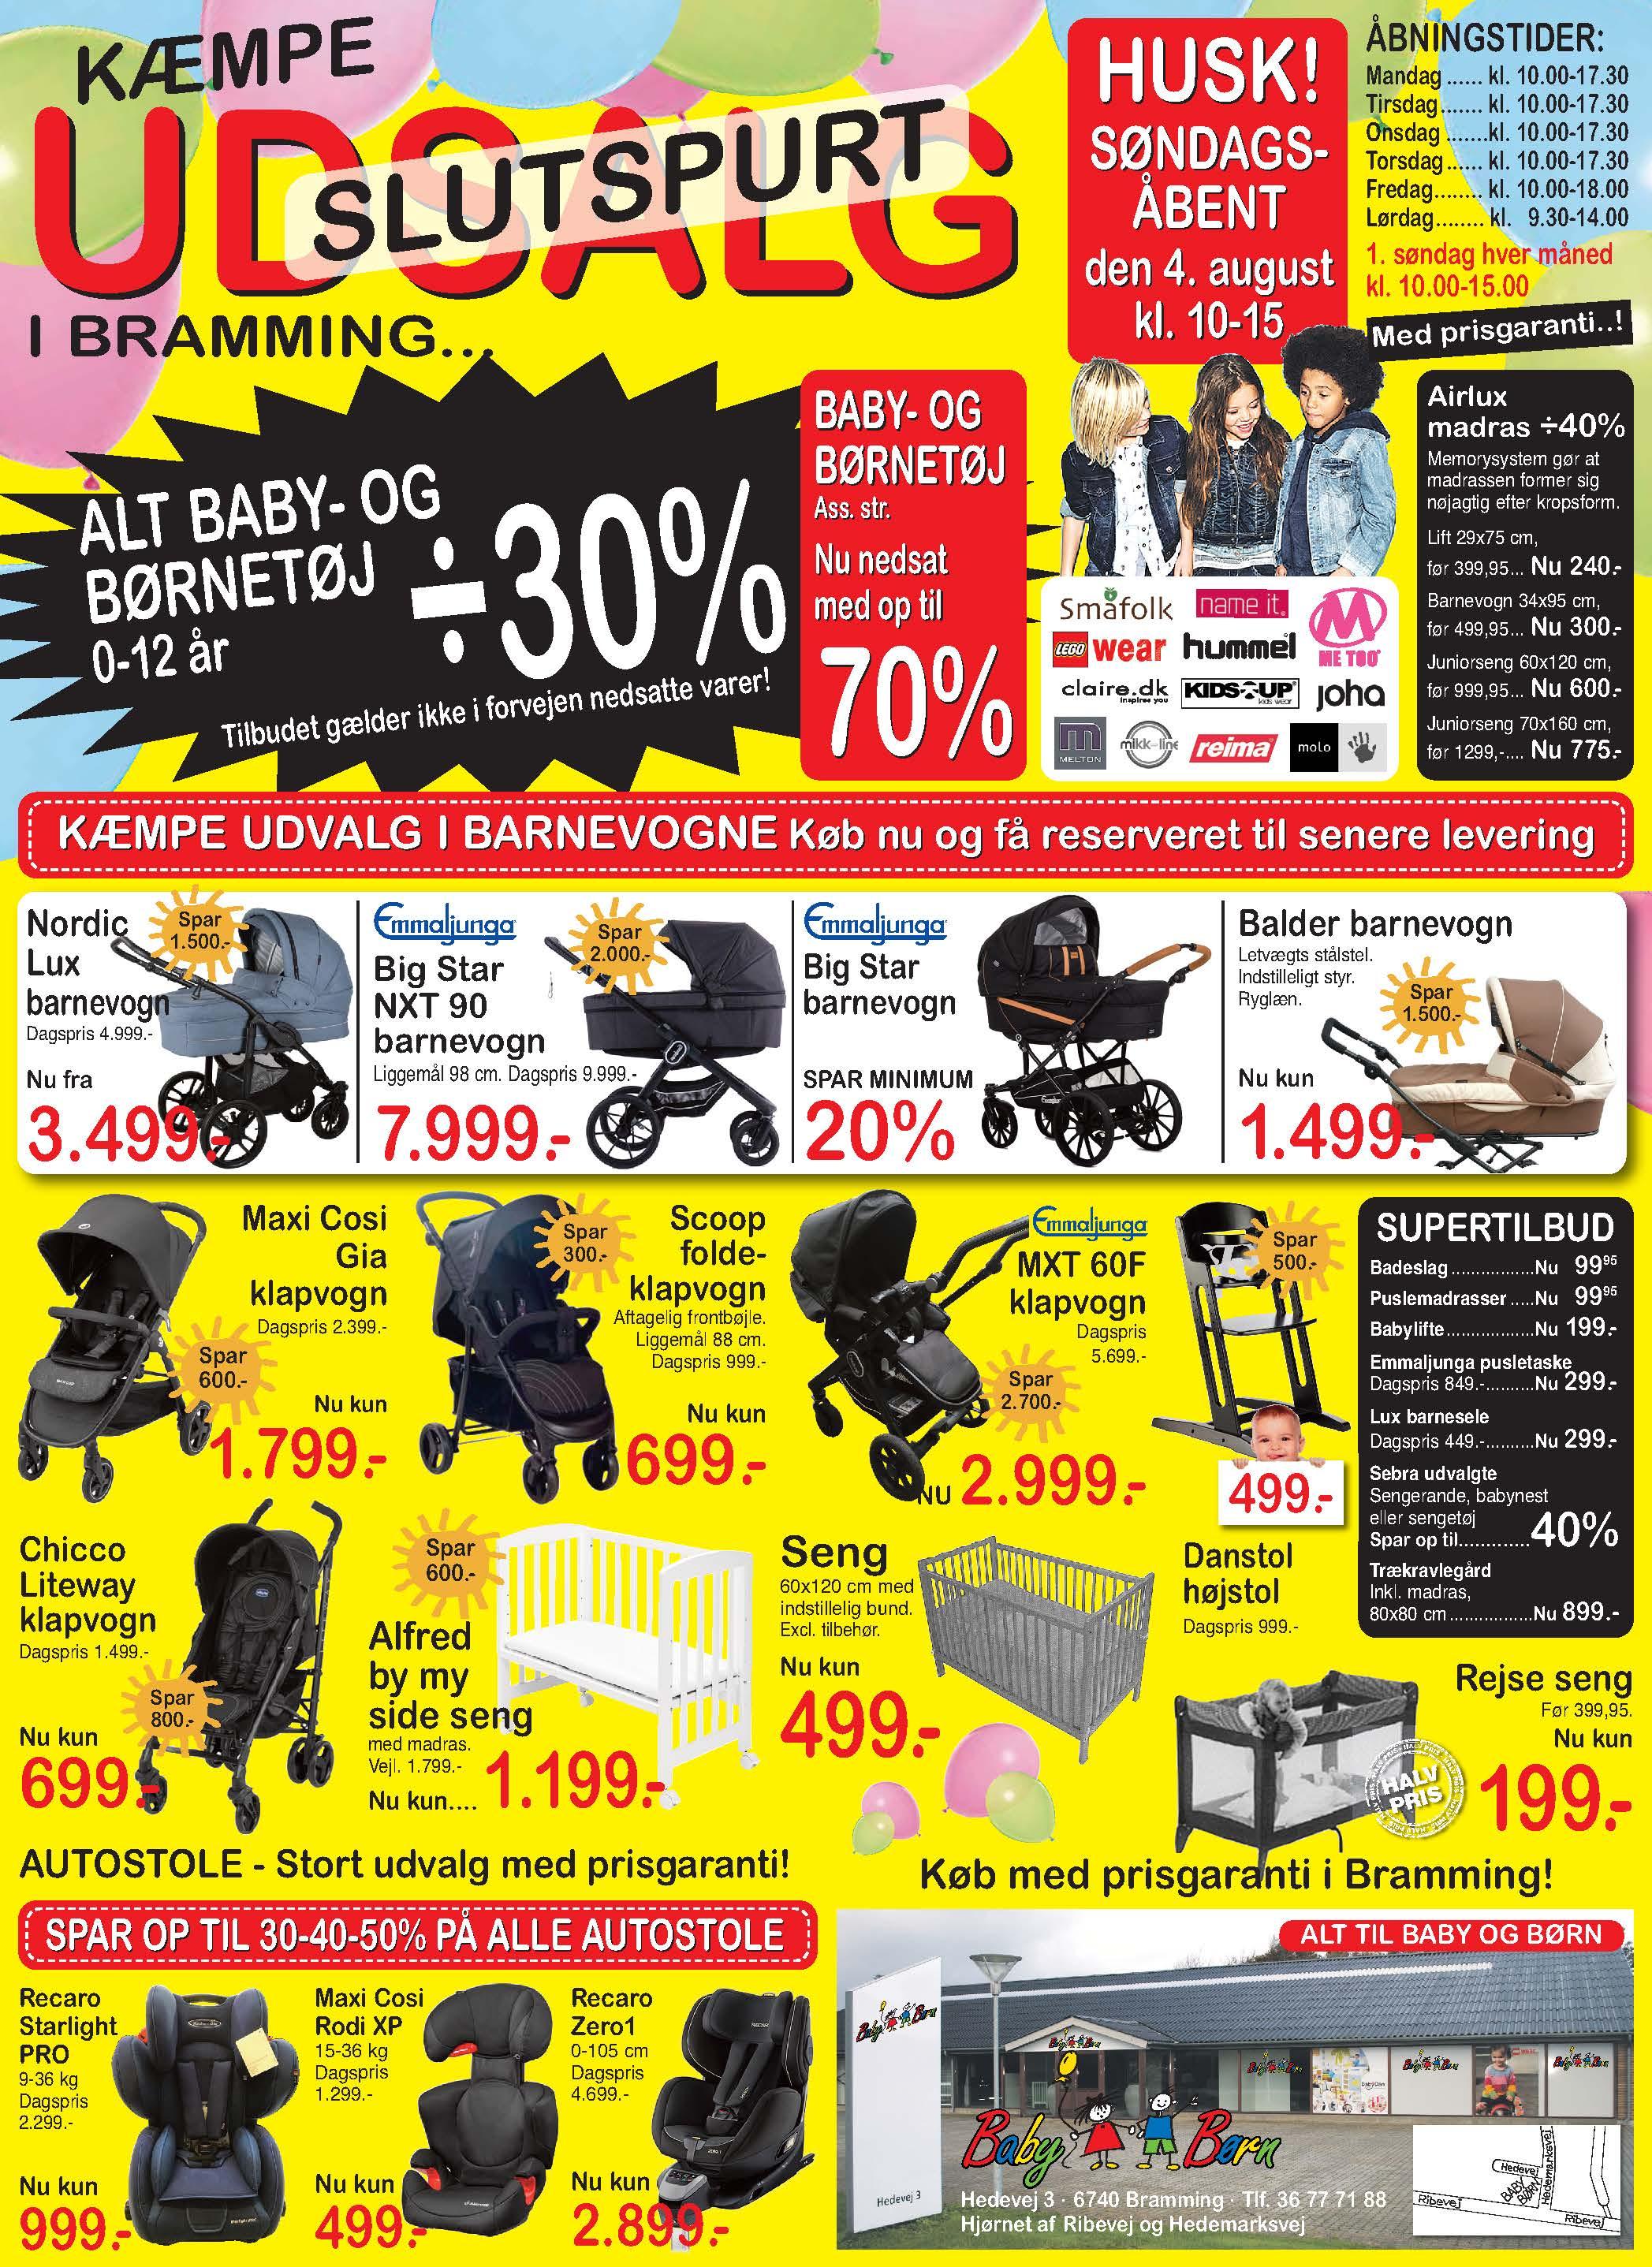 Baby børn - uge 29-30